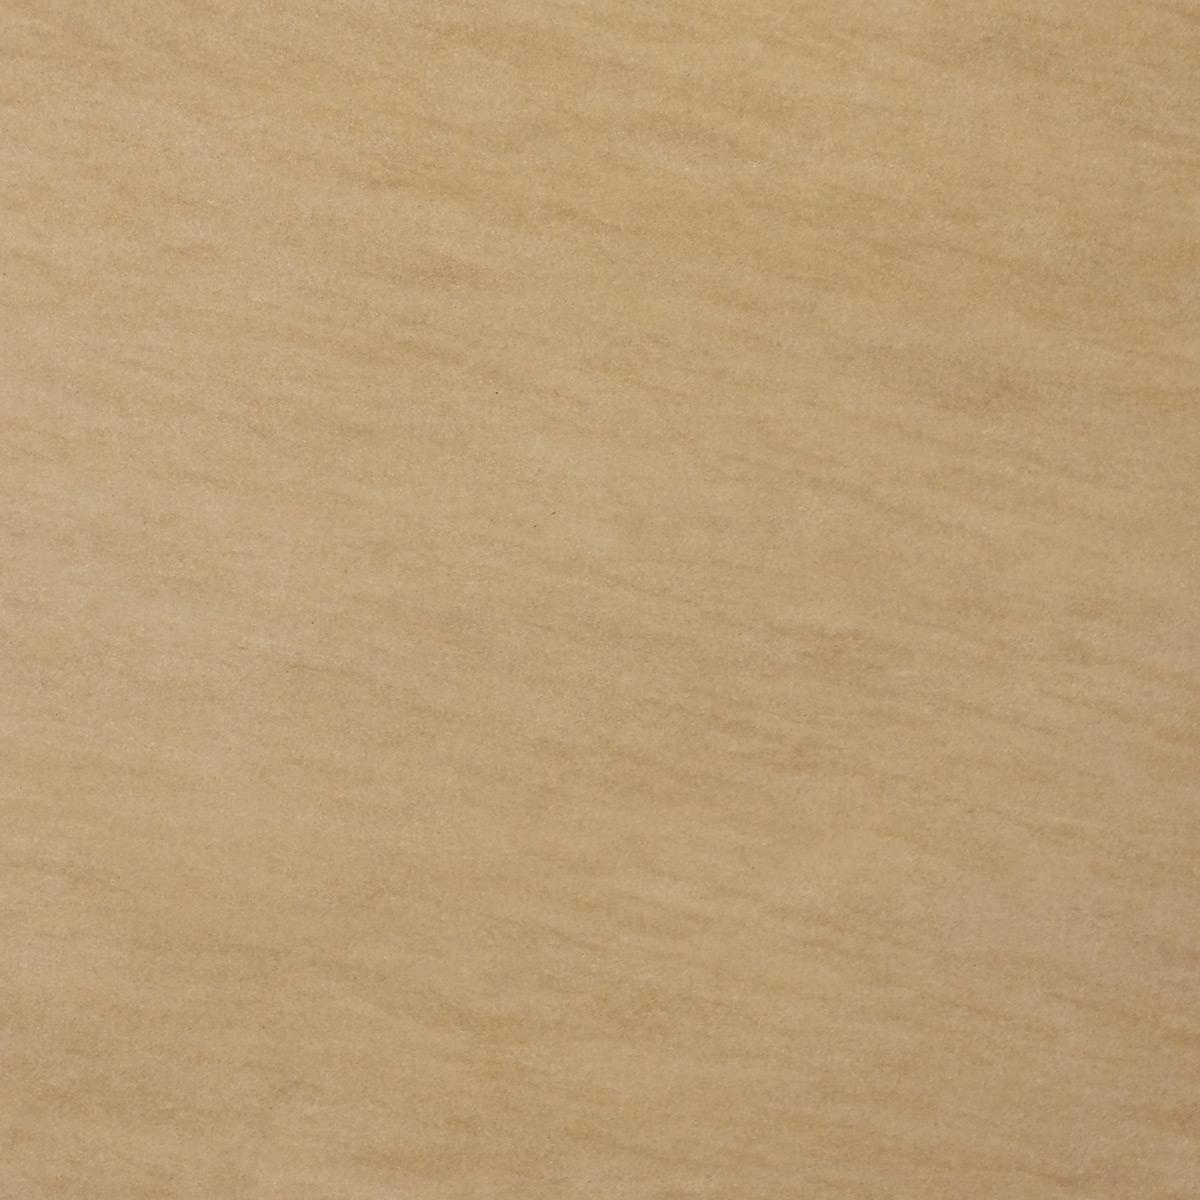 Bien Quartz Beige Bodenfliese 60x60 matt